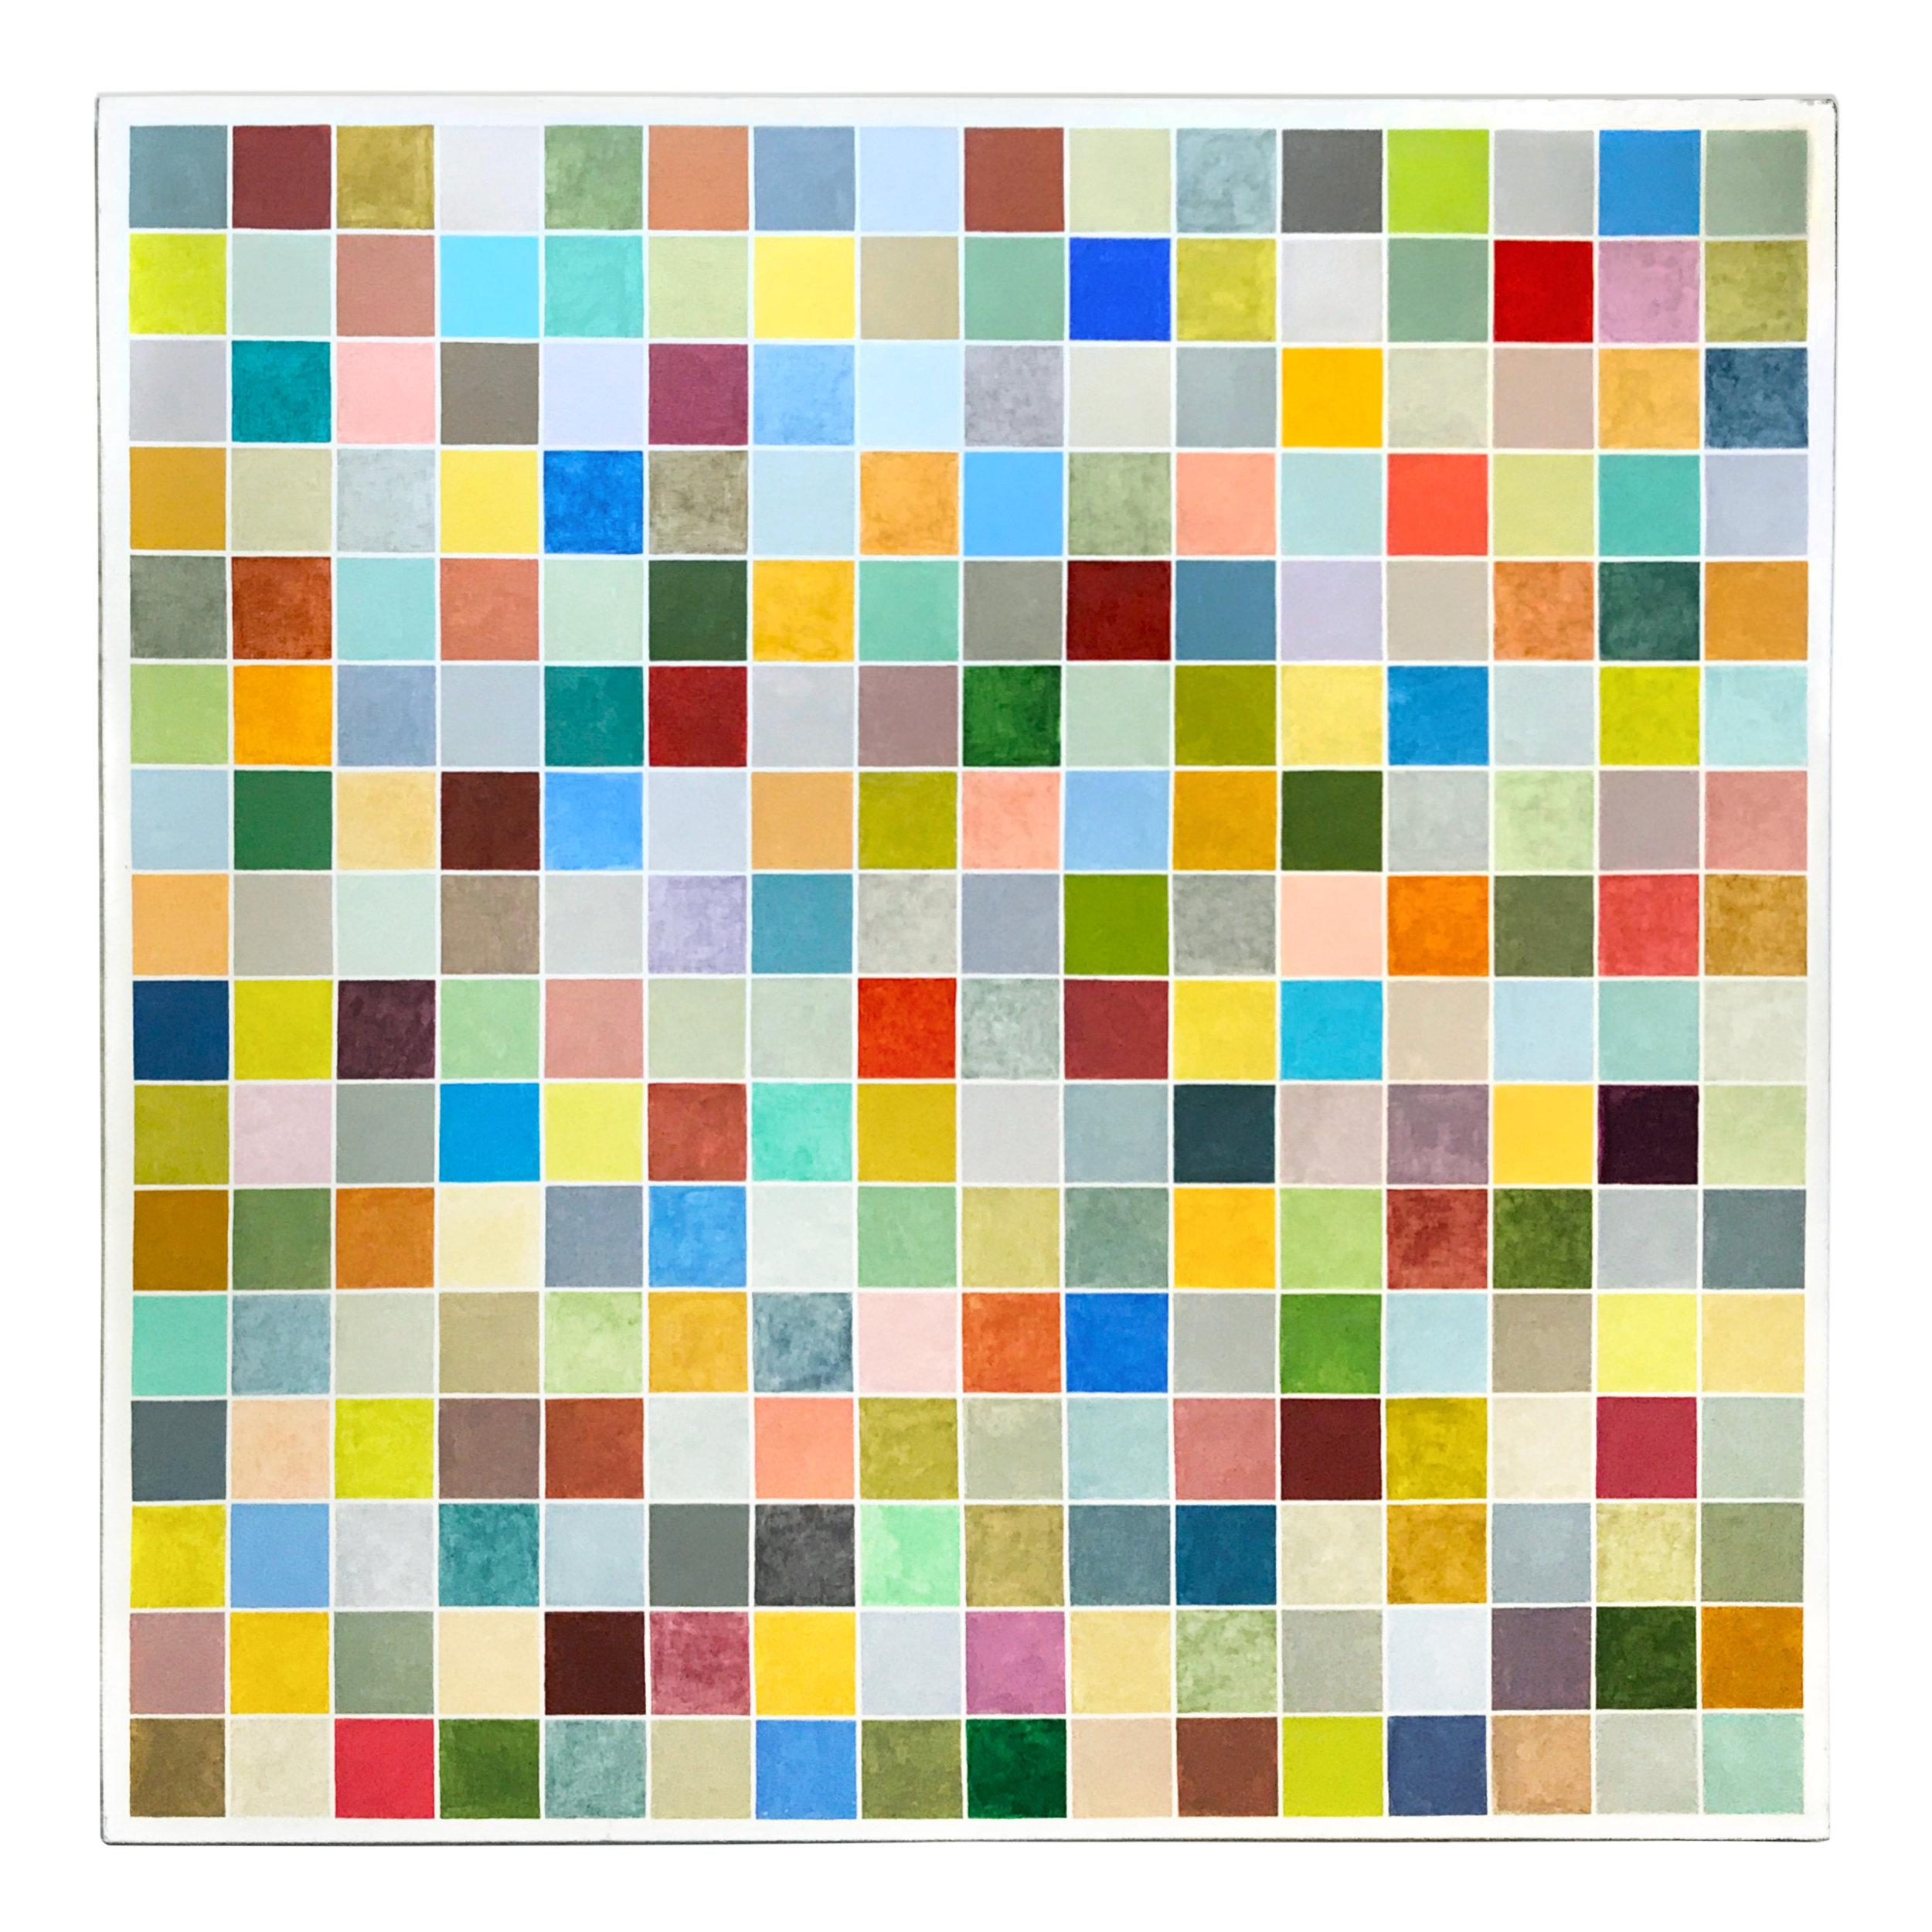 256 squares 256 colors